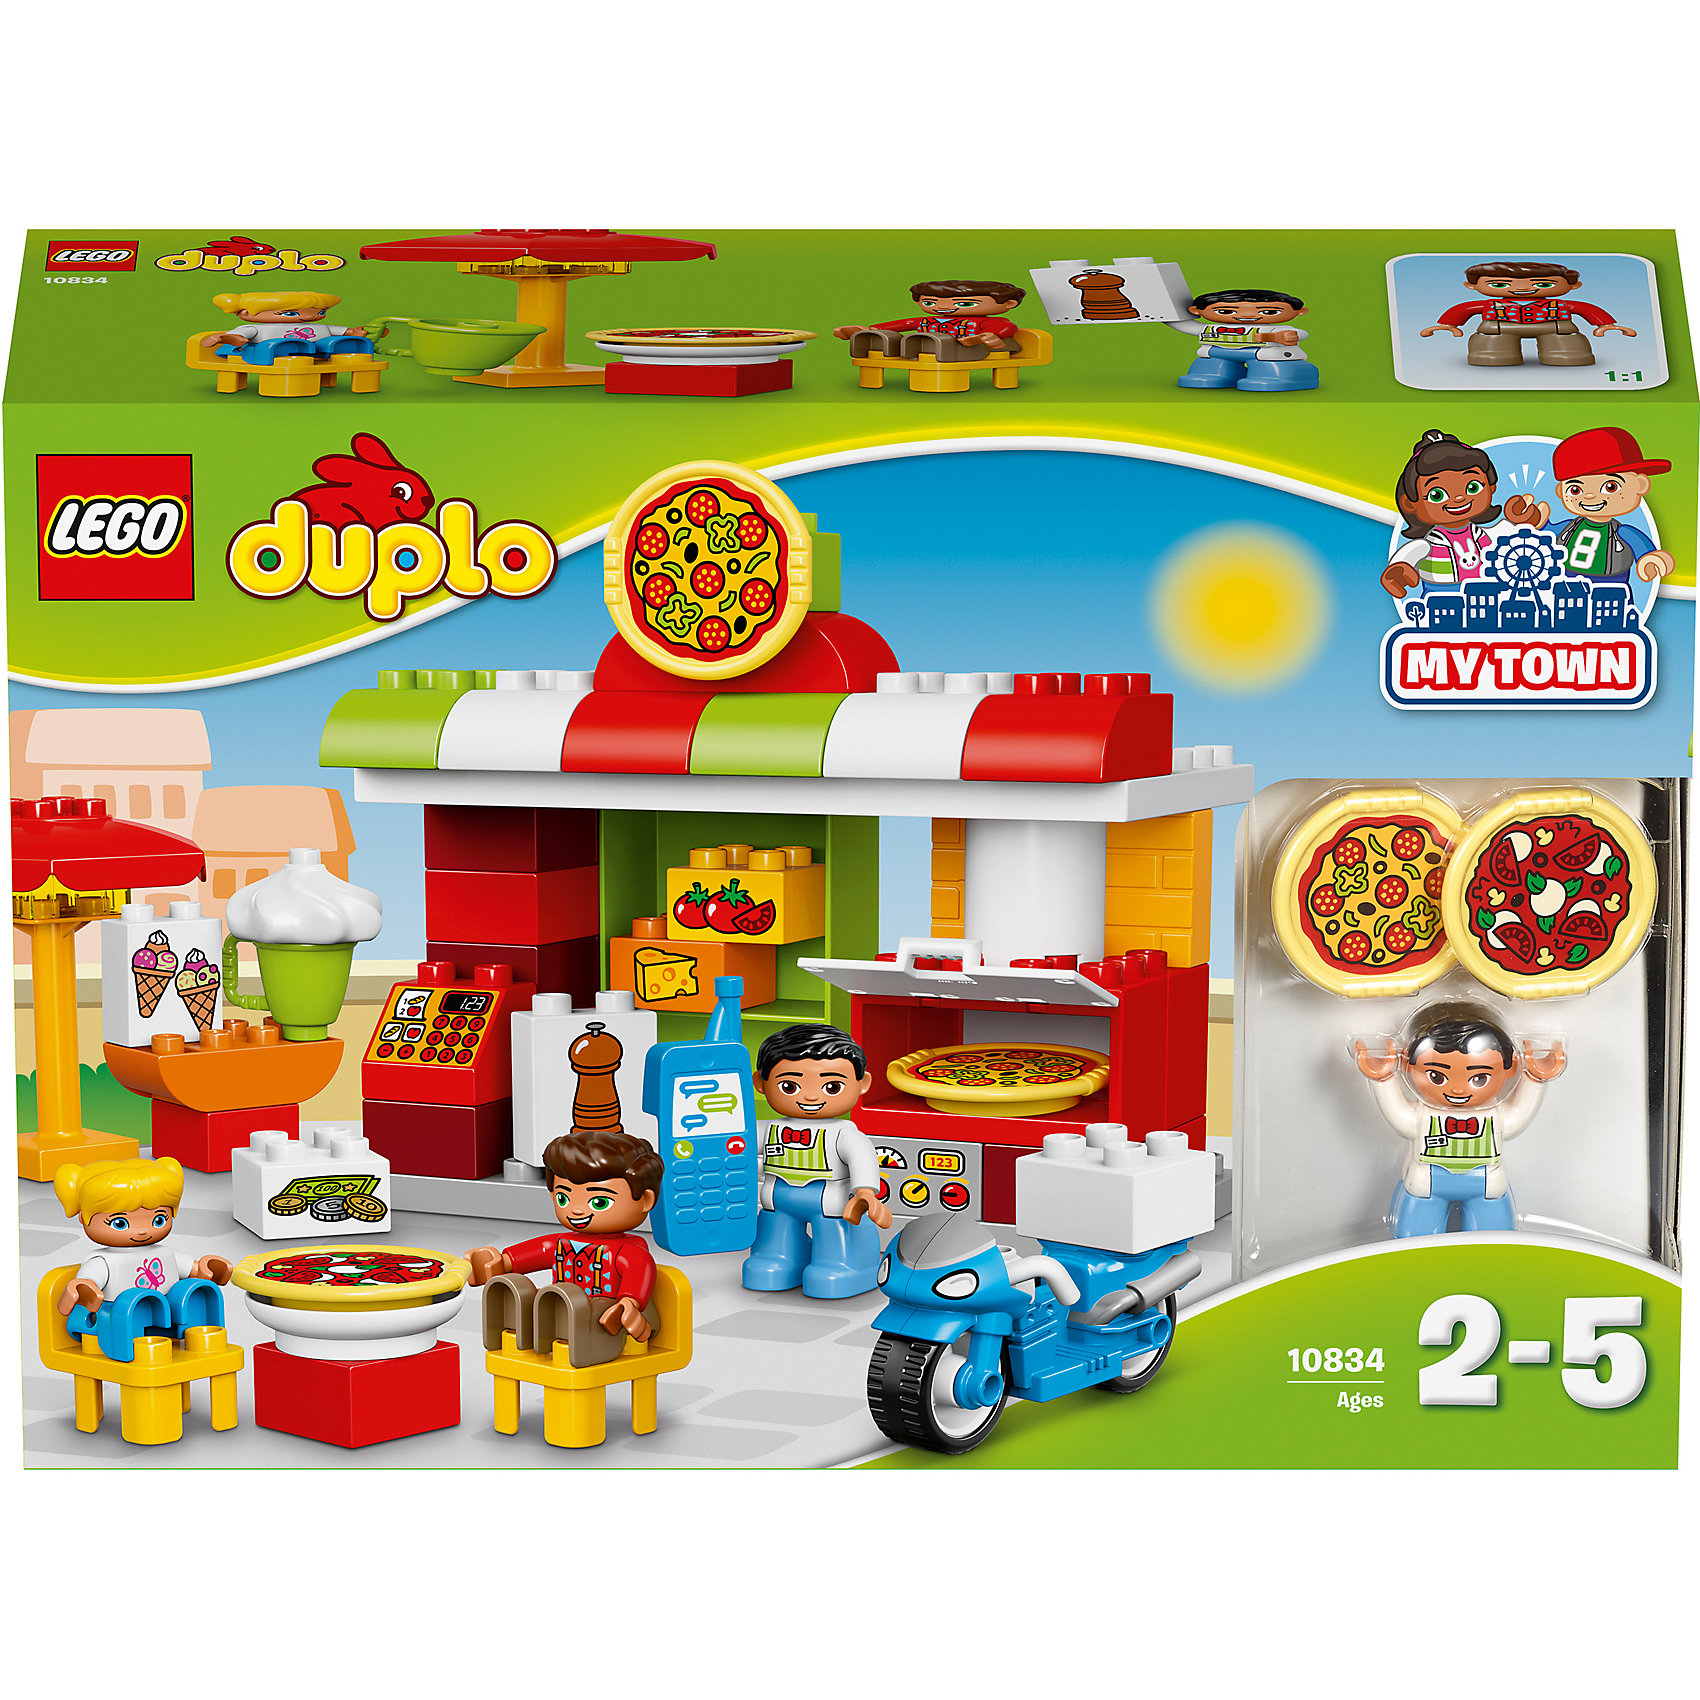 LEGO DUPLO 10834: ПиццерияLEGO DUPLO 10834: Пиццерия<br><br>Характеристики:<br><br>- в набор входит: детали, 3 фигурки людей, скутер, аксессуары, инструкция<br>- состав: пластик<br>- количество деталей: 57<br>- для детей в возрасте: от 2 до 5 лет<br>- Страна производитель: Дания/Китай/Чехия/<br><br>Легендарный конструктор LEGO (ЛЕГО) представляет серию «DUPLO» (Д?пло) для самых маленьких. Крупные детали безопасны для малышей, а интересная тематика, возможность фантазировать, собирать из конструктора свои фигуры и играть в него приведут кроху в восторг! В этом шикарном наборе представлена настоящая пиццерия. Веселый итальянский повар готов приготовить детишкам два вида пиццы. В пиццерии имеется печь для изготовления первоклассной пиццы, необходимые ингридиенты изображены на детальках лего, которые убираются на полочку, также в пиццерии можно заказать мороженное. На кассе оплачиваются заказы, но можно и заказать пиццу по телефону, ведь он в пиццерии имеется. Синий фирменный скутер поможет доставить заказ быстро и не дать ароматной пицце остынуть. В случае дождя над столиком можно поставить зонтик. Каждая фигурка отлично детализирована, в комплекте имеется фигурка повара, фигурка девочки и мальчика. Набор предоставит все необходимое для игры, вам останется только придумать название для своей новой итальянской пицццерии. Играя с этим конструктором дети смогут моделировать ситуации, фантазировать, развивать моторику ручек и создавать новые фигуры. <br><br>Конструктор LEGO DUPLO 10834: Пиццерия можно купить в нашем интернет-магазине.<br><br>Ширина мм: 387<br>Глубина мм: 263<br>Высота мм: 124<br>Вес г: 945<br>Возраст от месяцев: 24<br>Возраст до месяцев: 60<br>Пол: Унисекс<br>Возраст: Детский<br>SKU: 5002520